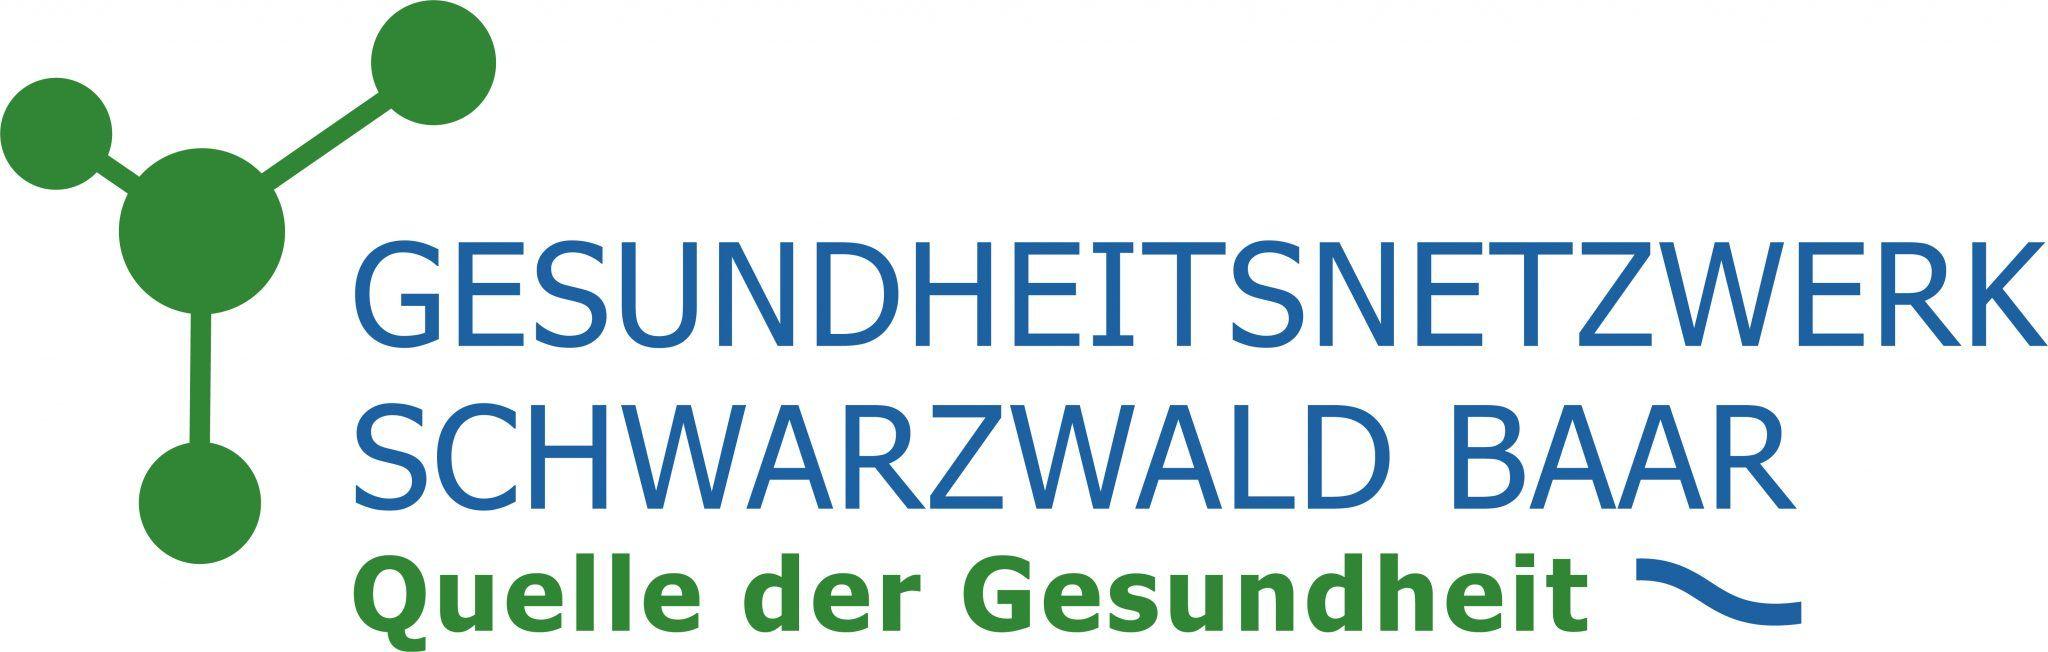 https://www.betreuung-und-pflege.de/app/files/2021/02/Gesundheitsnetzwerk-Schwarzwald-Baar.jpg